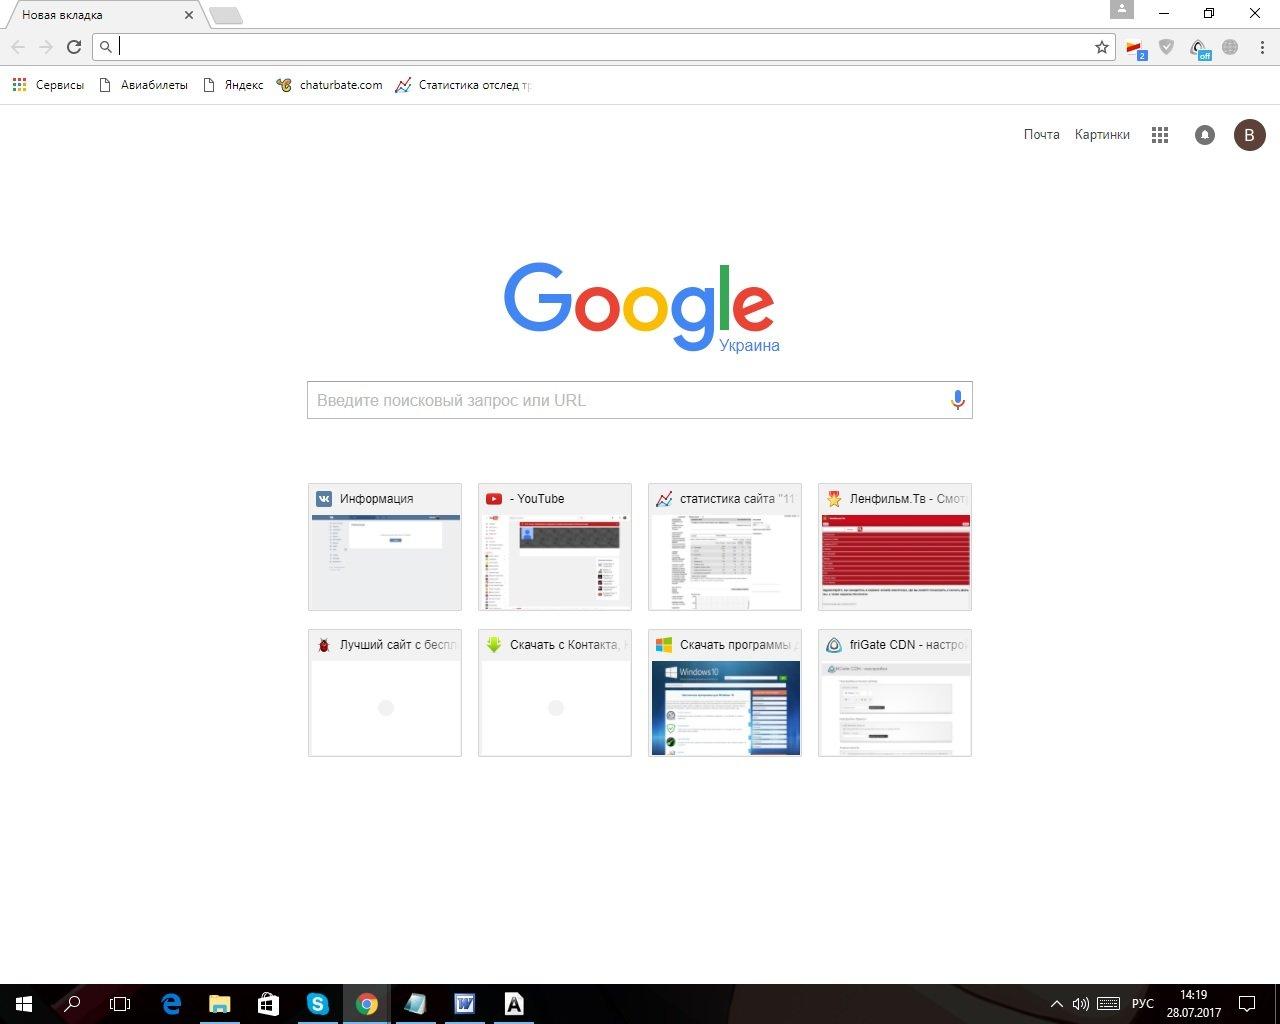 Как сделать новые вкладки в гугл хром